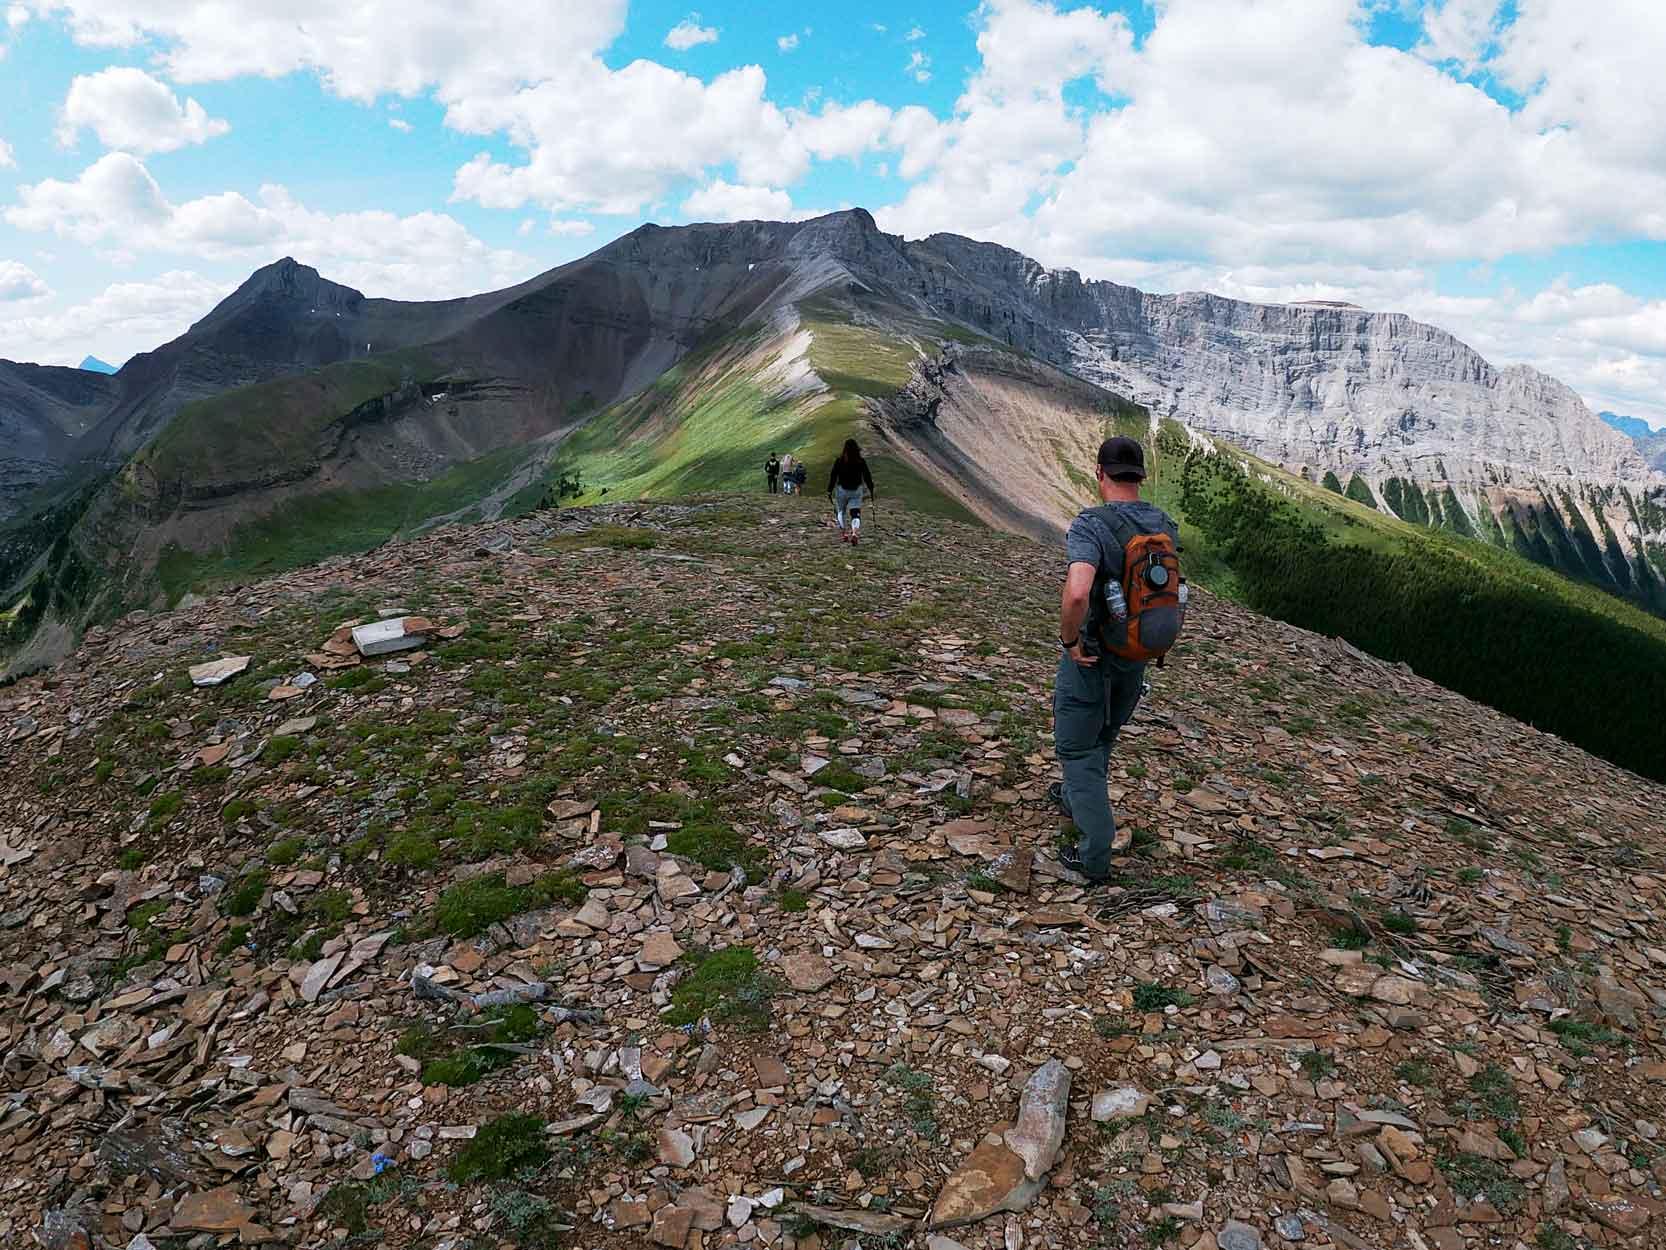 White Mountain Adventures Heli Hike Ridge